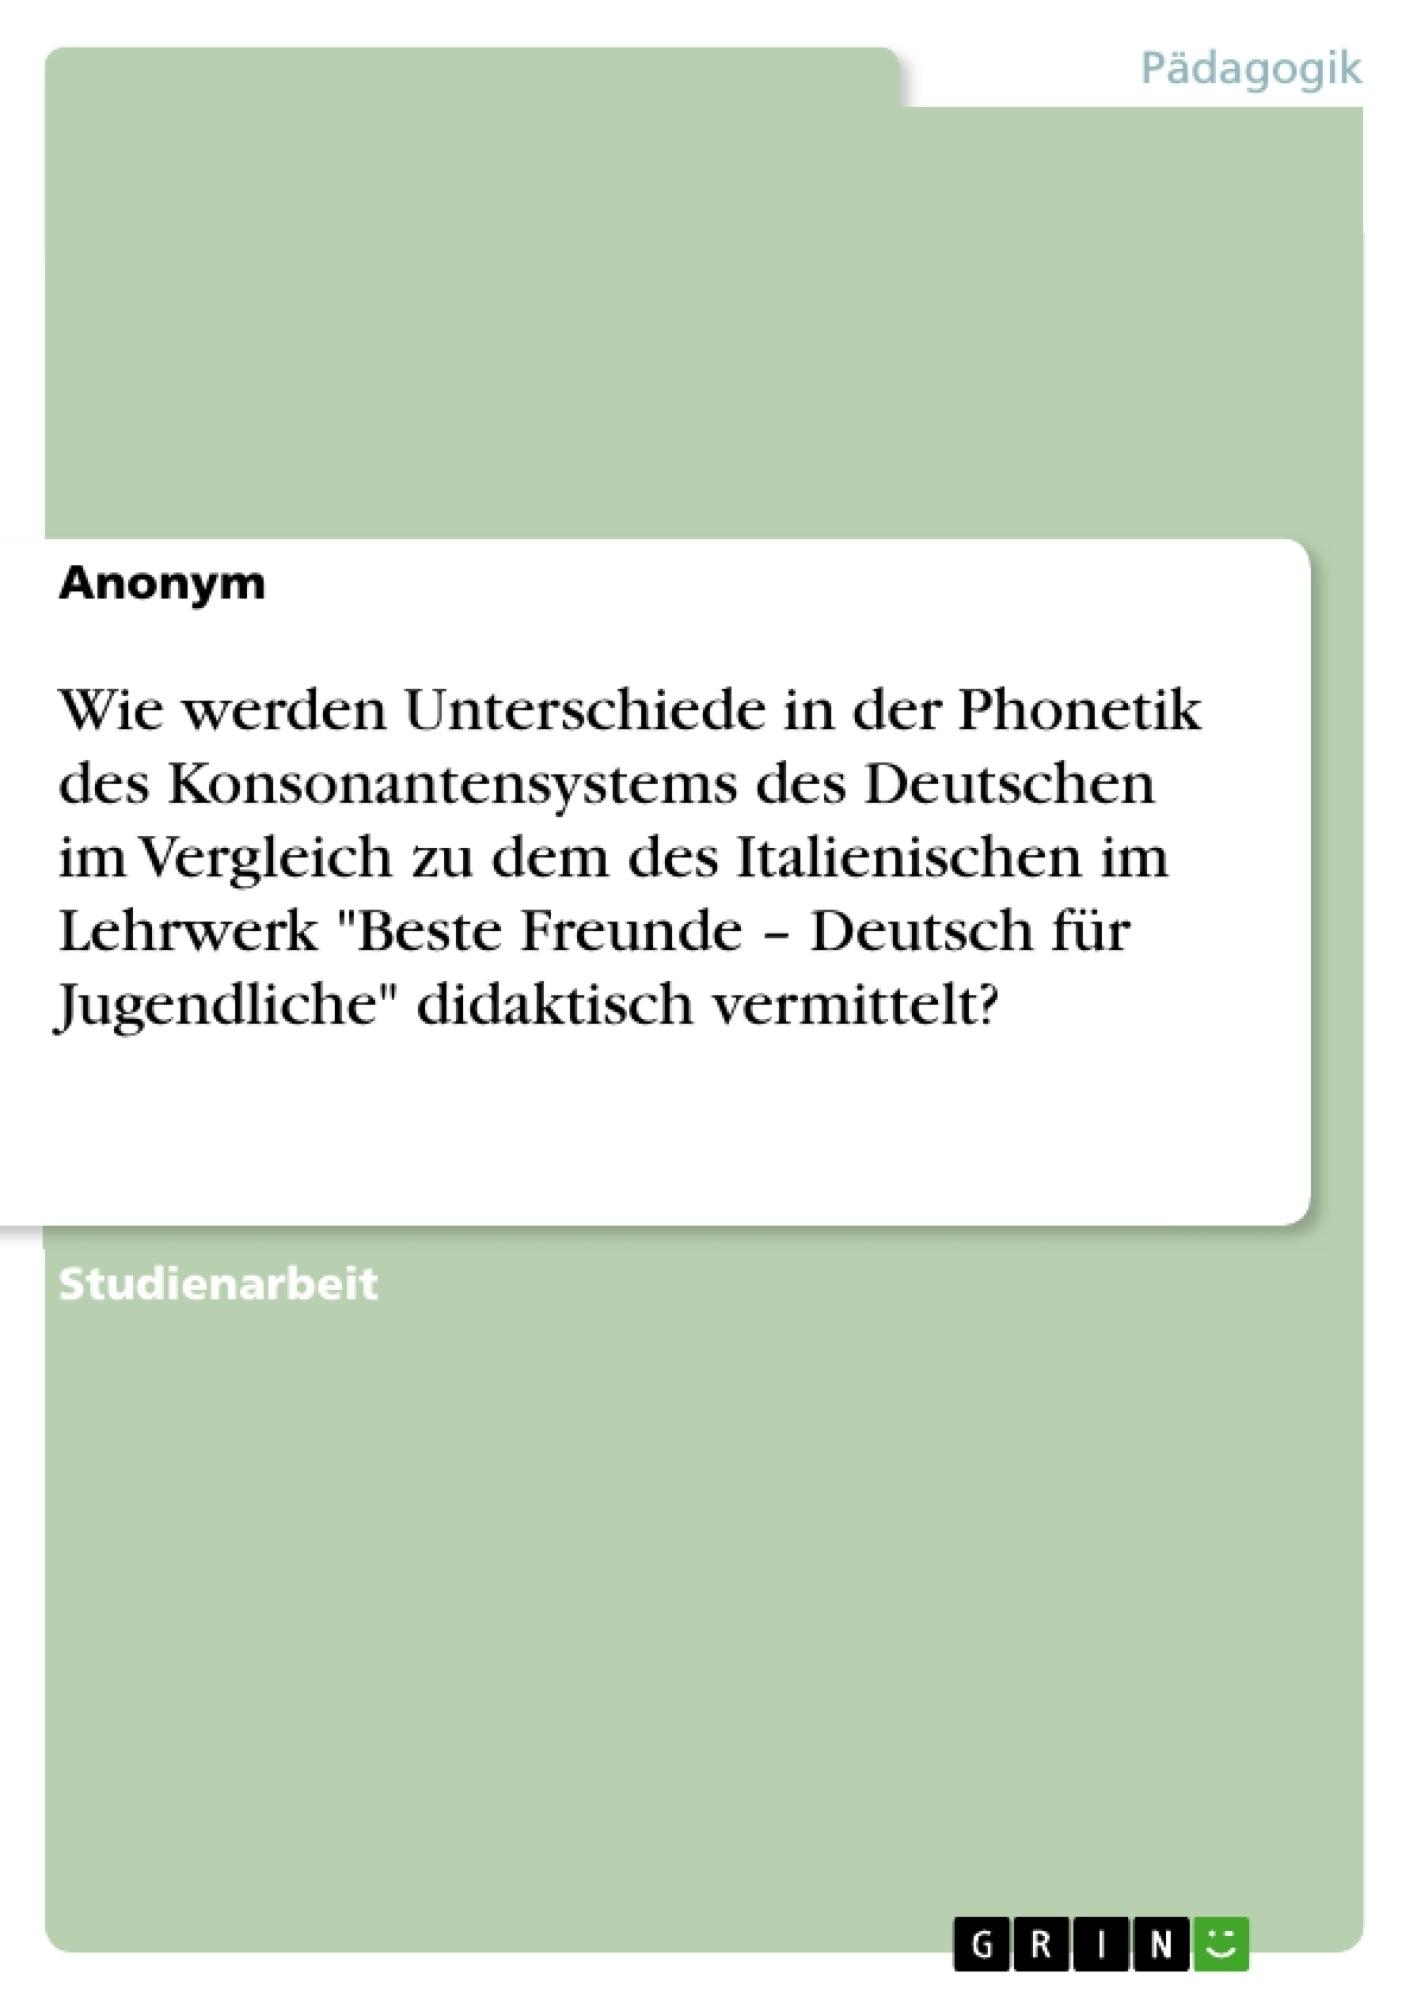 """Titel: Wie werden Unterschiede in der Phonetik des Konsonantensystems des Deutschen im Vergleich zu dem des Italienischen im Lehrwerk """"Beste Freunde – Deutsch für Jugendliche"""" didaktisch vermittelt?"""